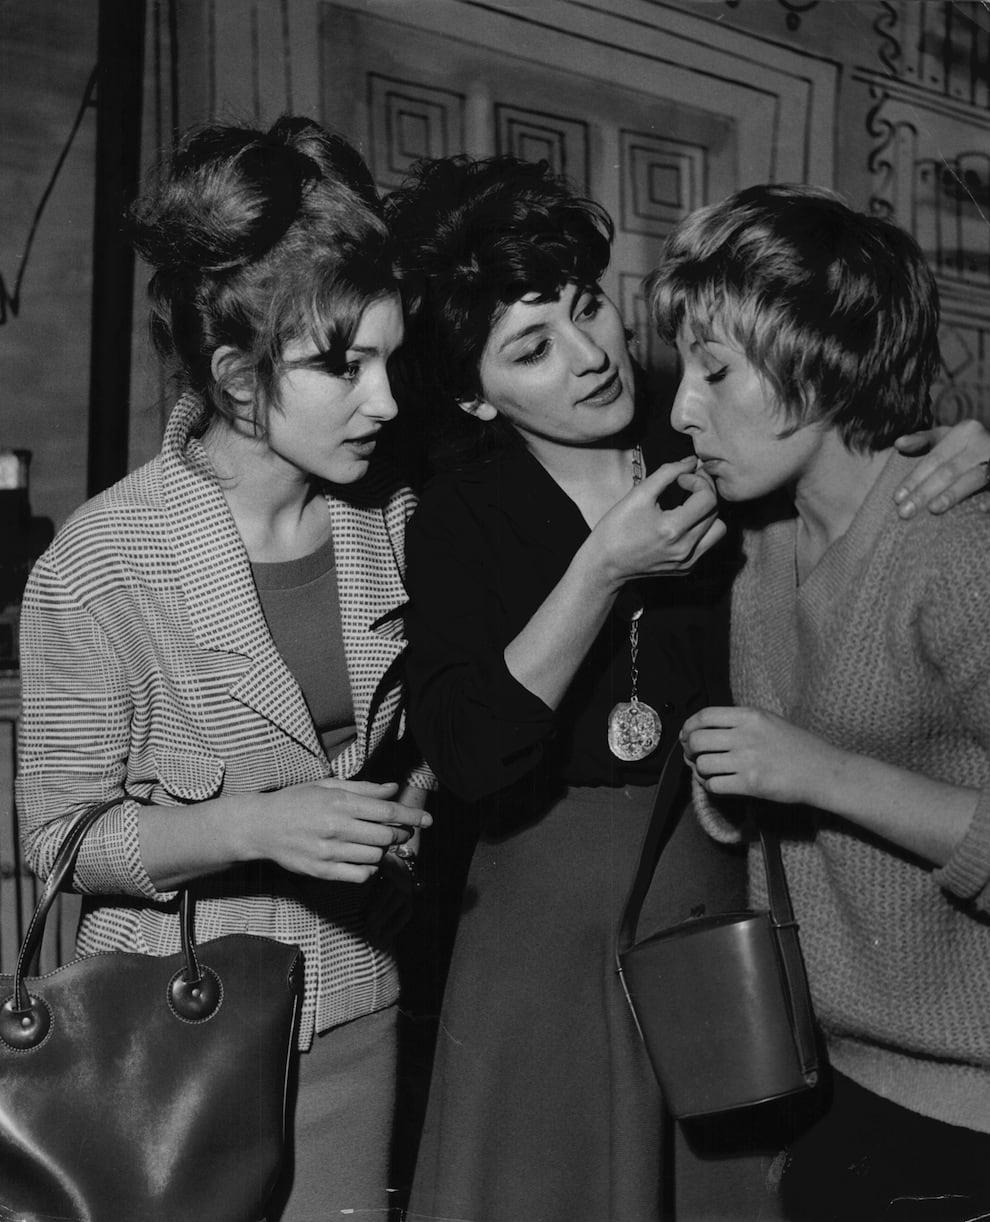 Bad girls smoking.